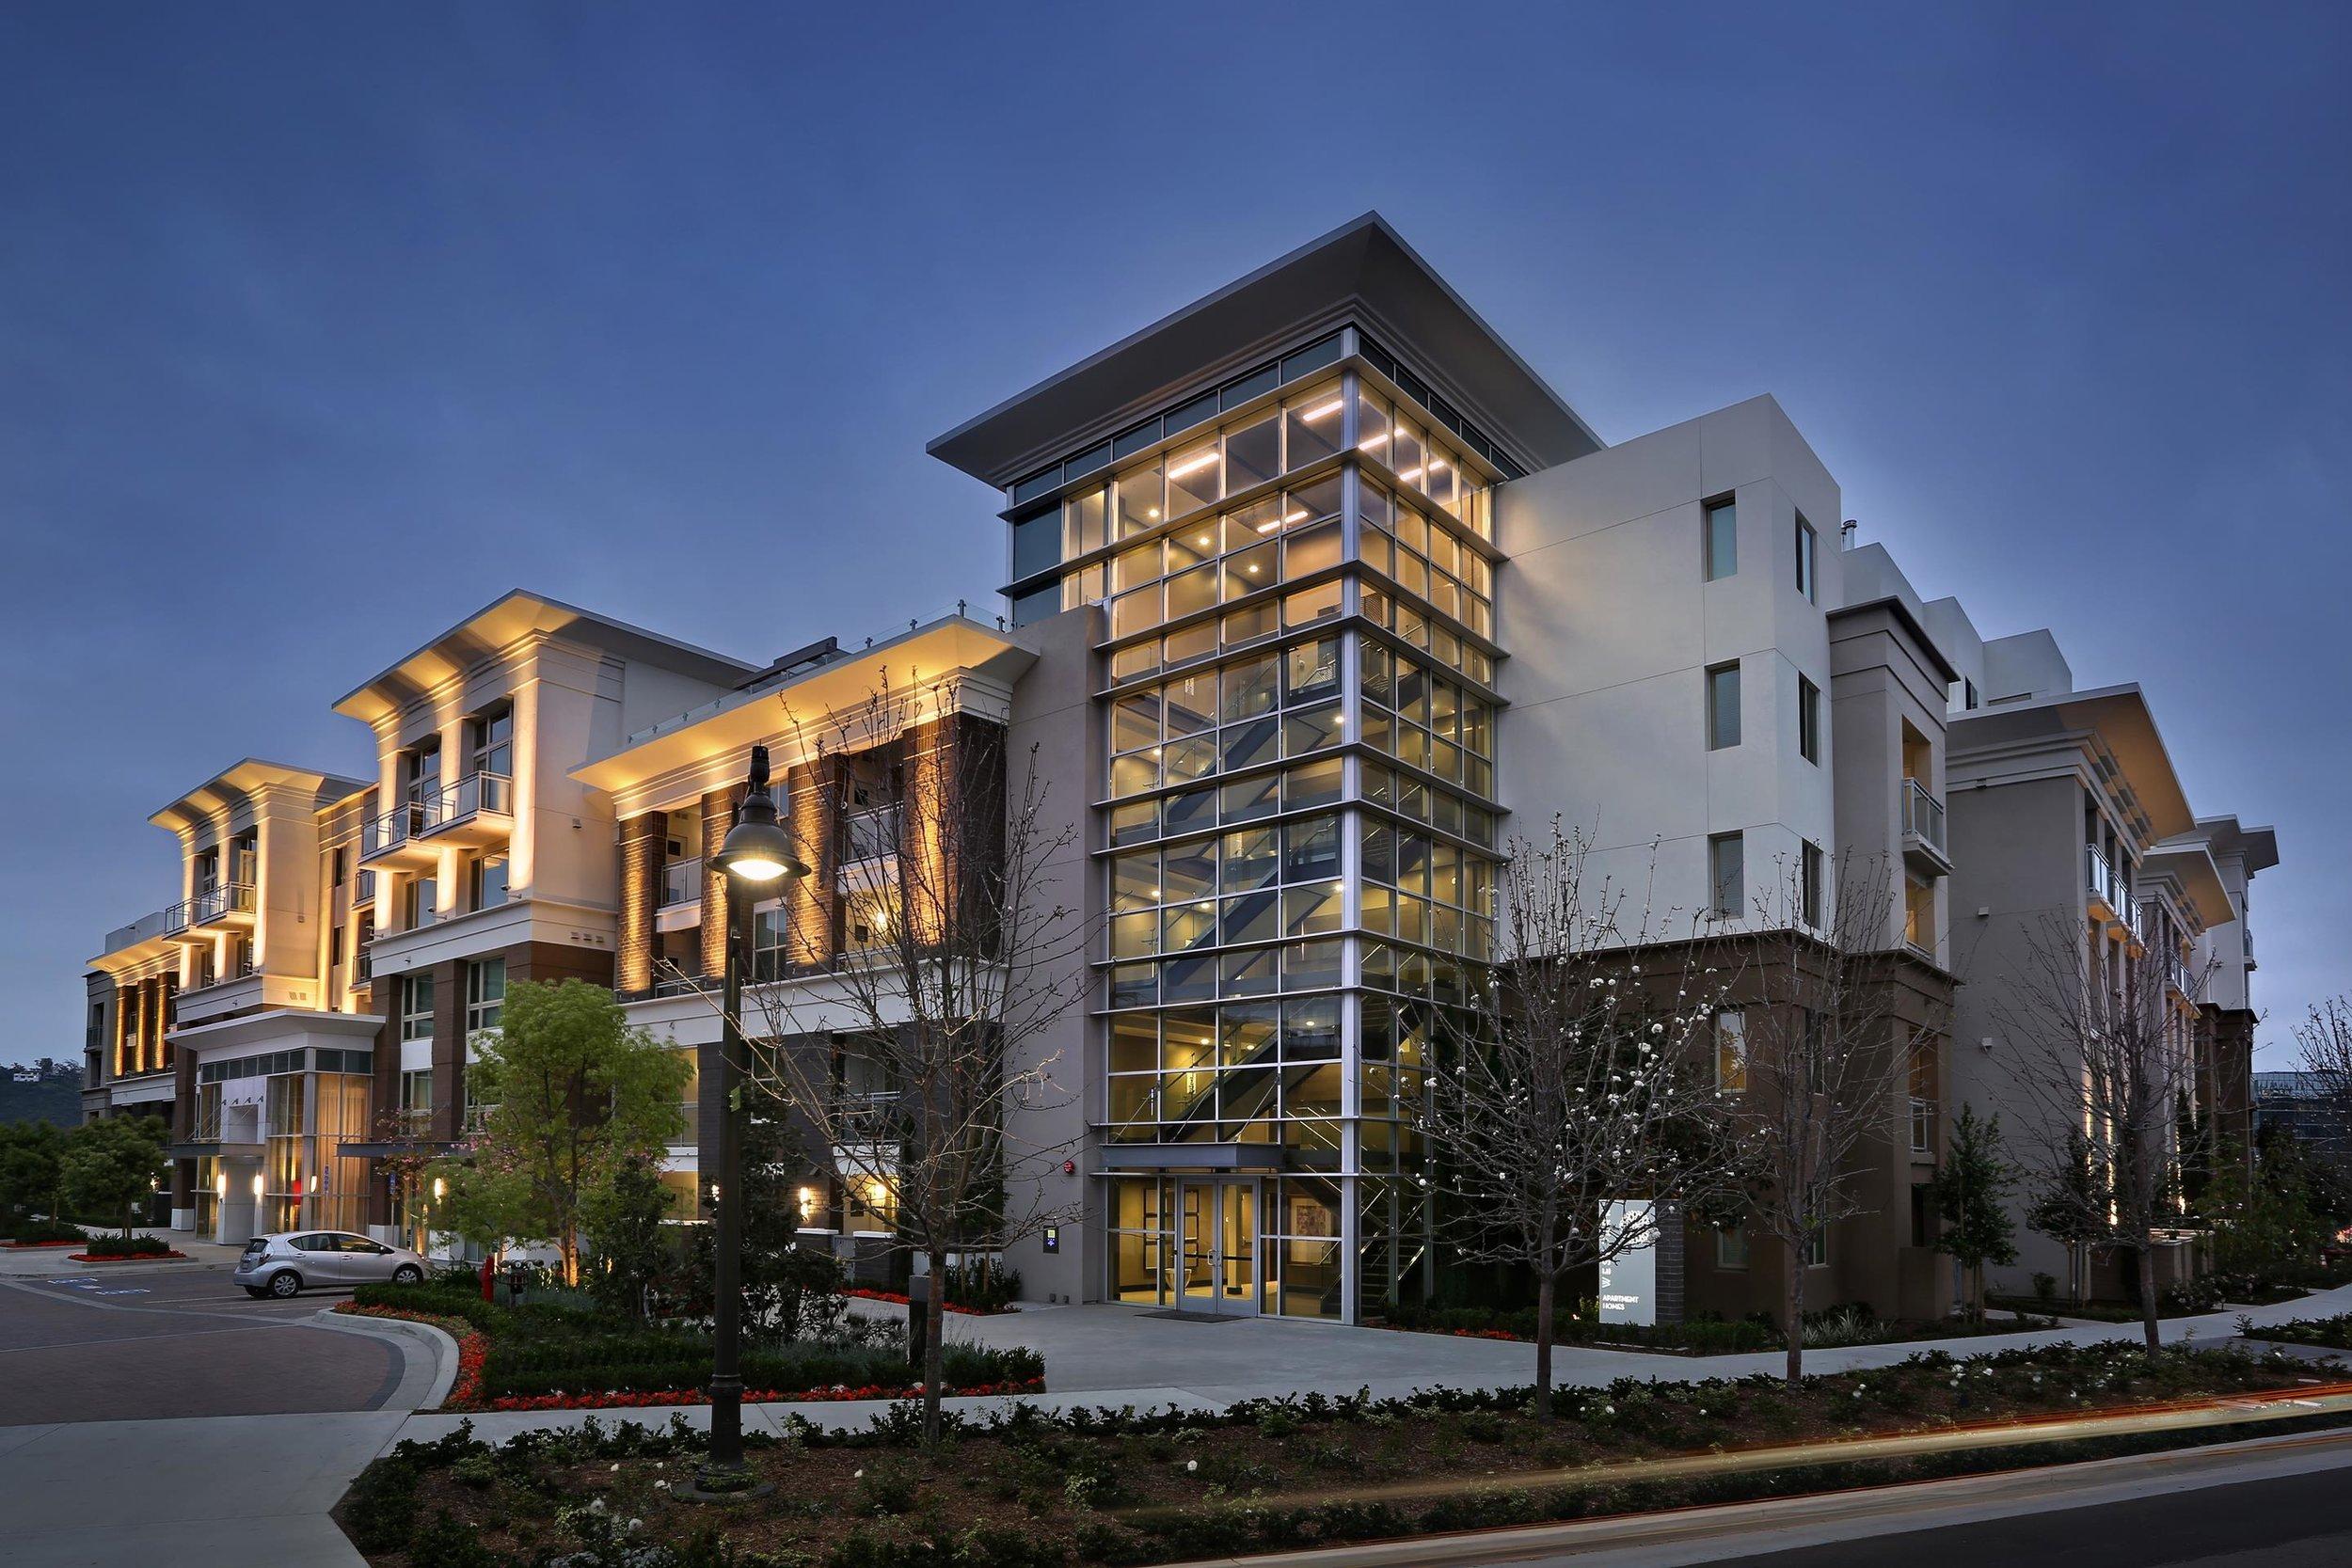 apartment-building-complex-fix-flip-remodel-financing.jpg